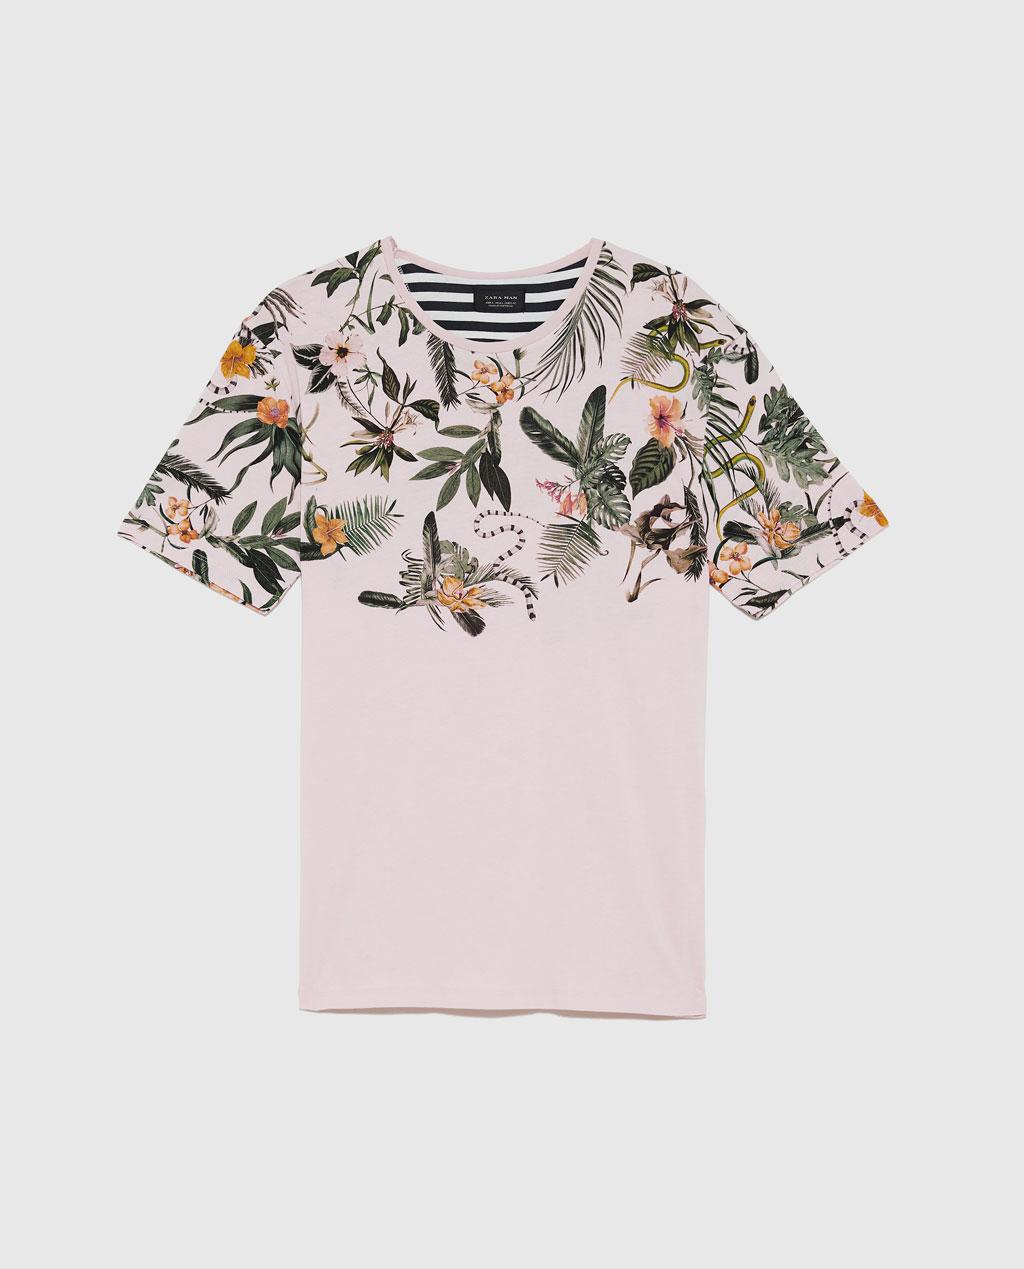 Thời trang nam Zara  23962 - ảnh 8